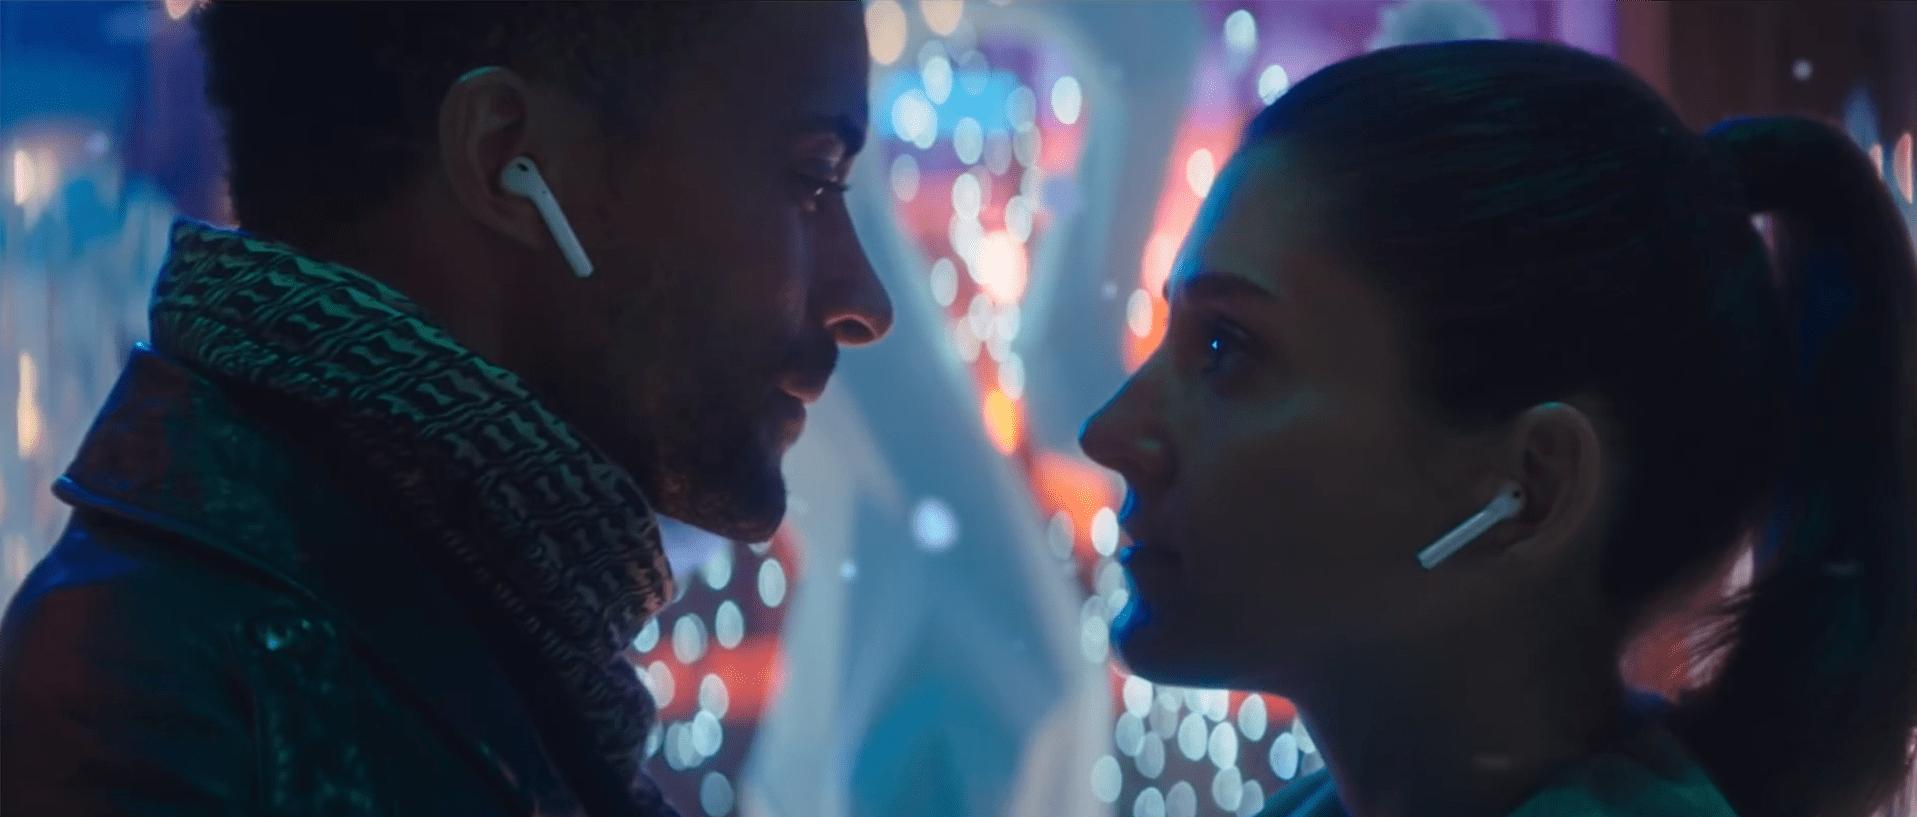 Według tej świątecznej reklamy Apple, taniec na środku ulicy w rytm muzyki ze słuchawek jest OK 19